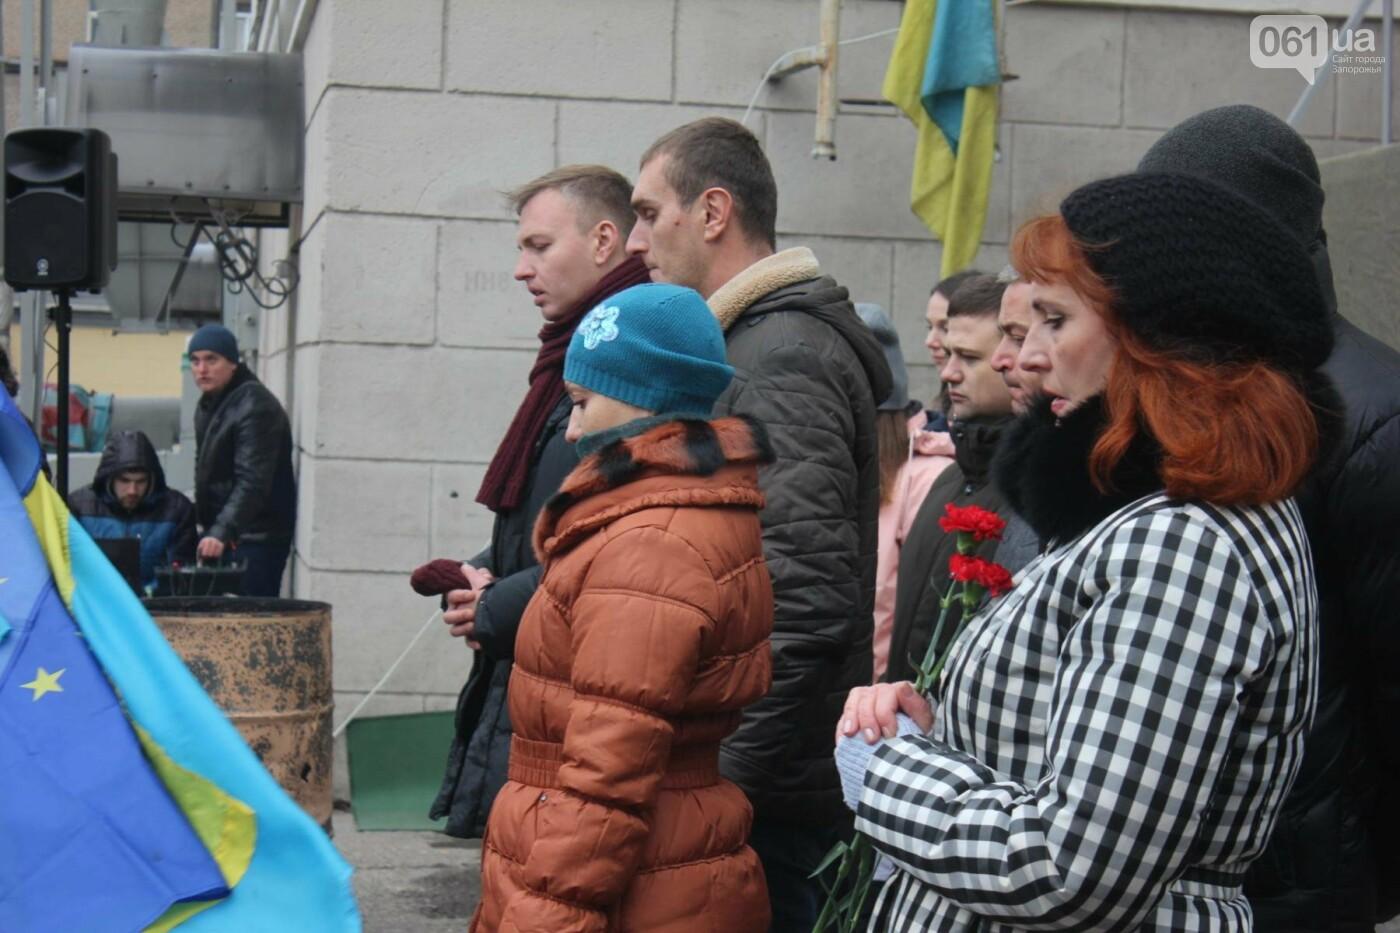 В Запорожье актеры на улице читали стихи о Майдане, - ФОТОРЕПОРТАЖ, фото-8